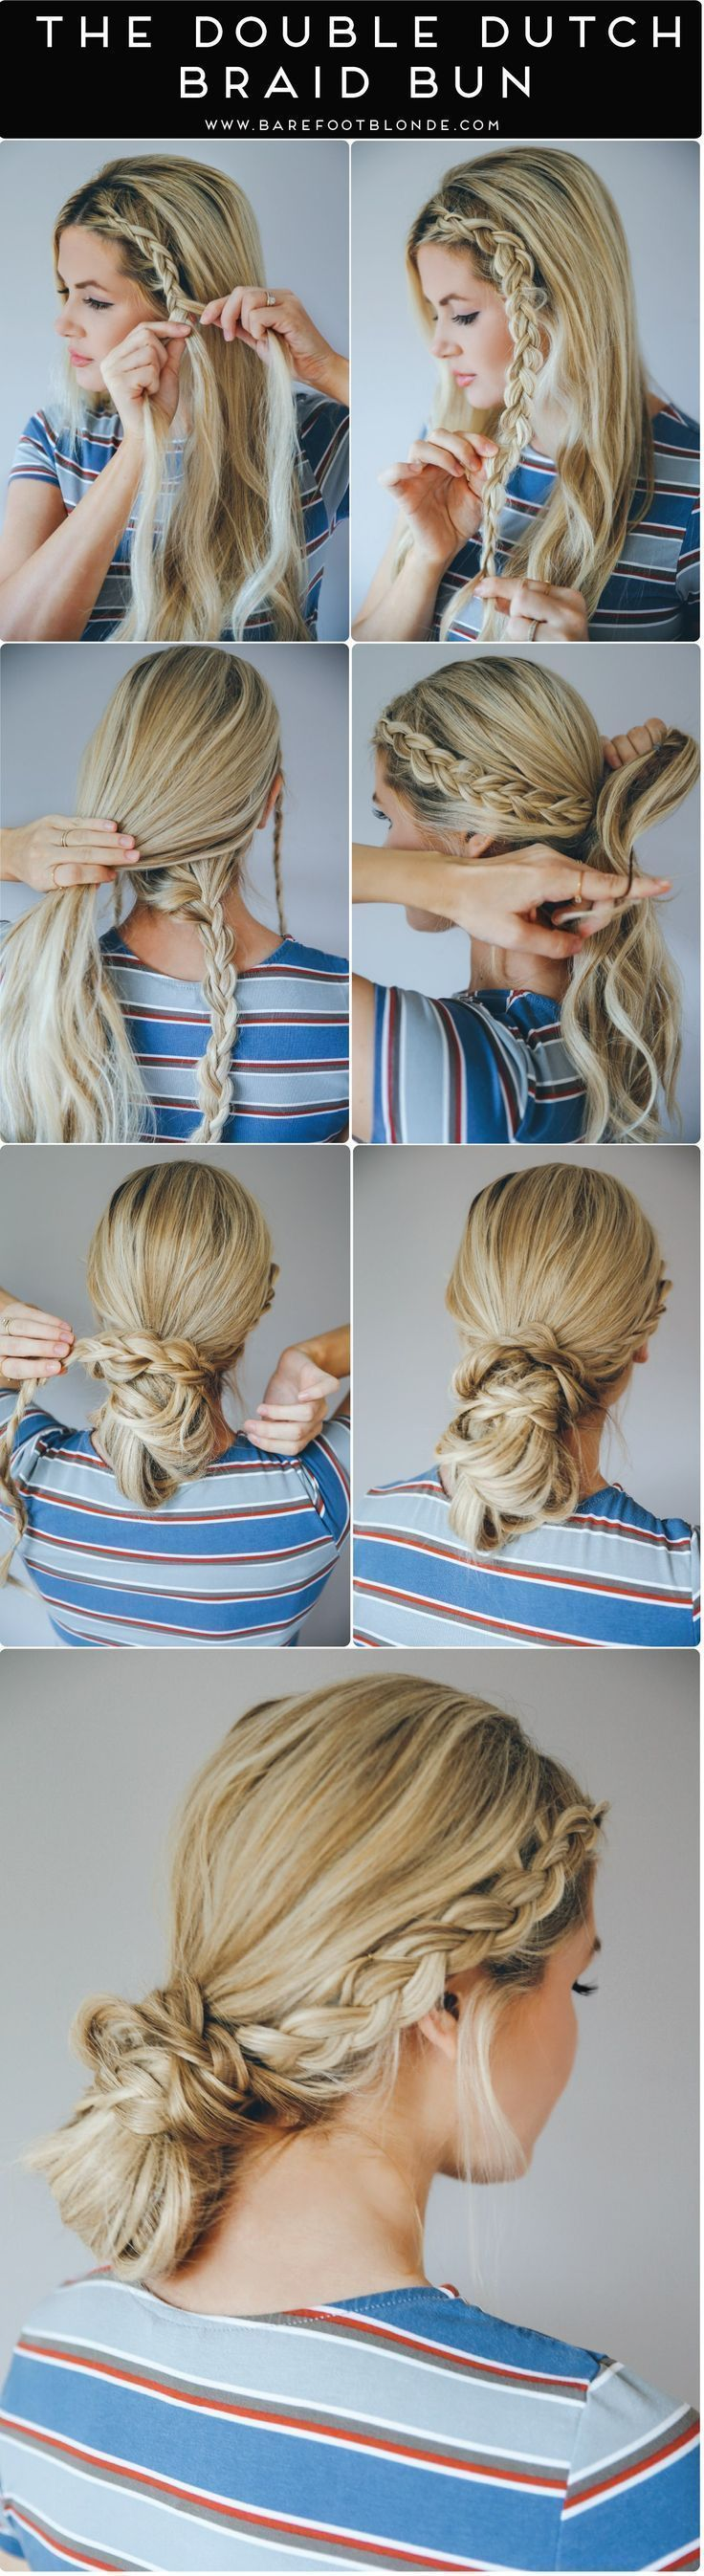 8 Super Easy Braids That Will Fix Any Bad Hair Day Long Hair Styles Hair Styles Hair Bun Tutorial